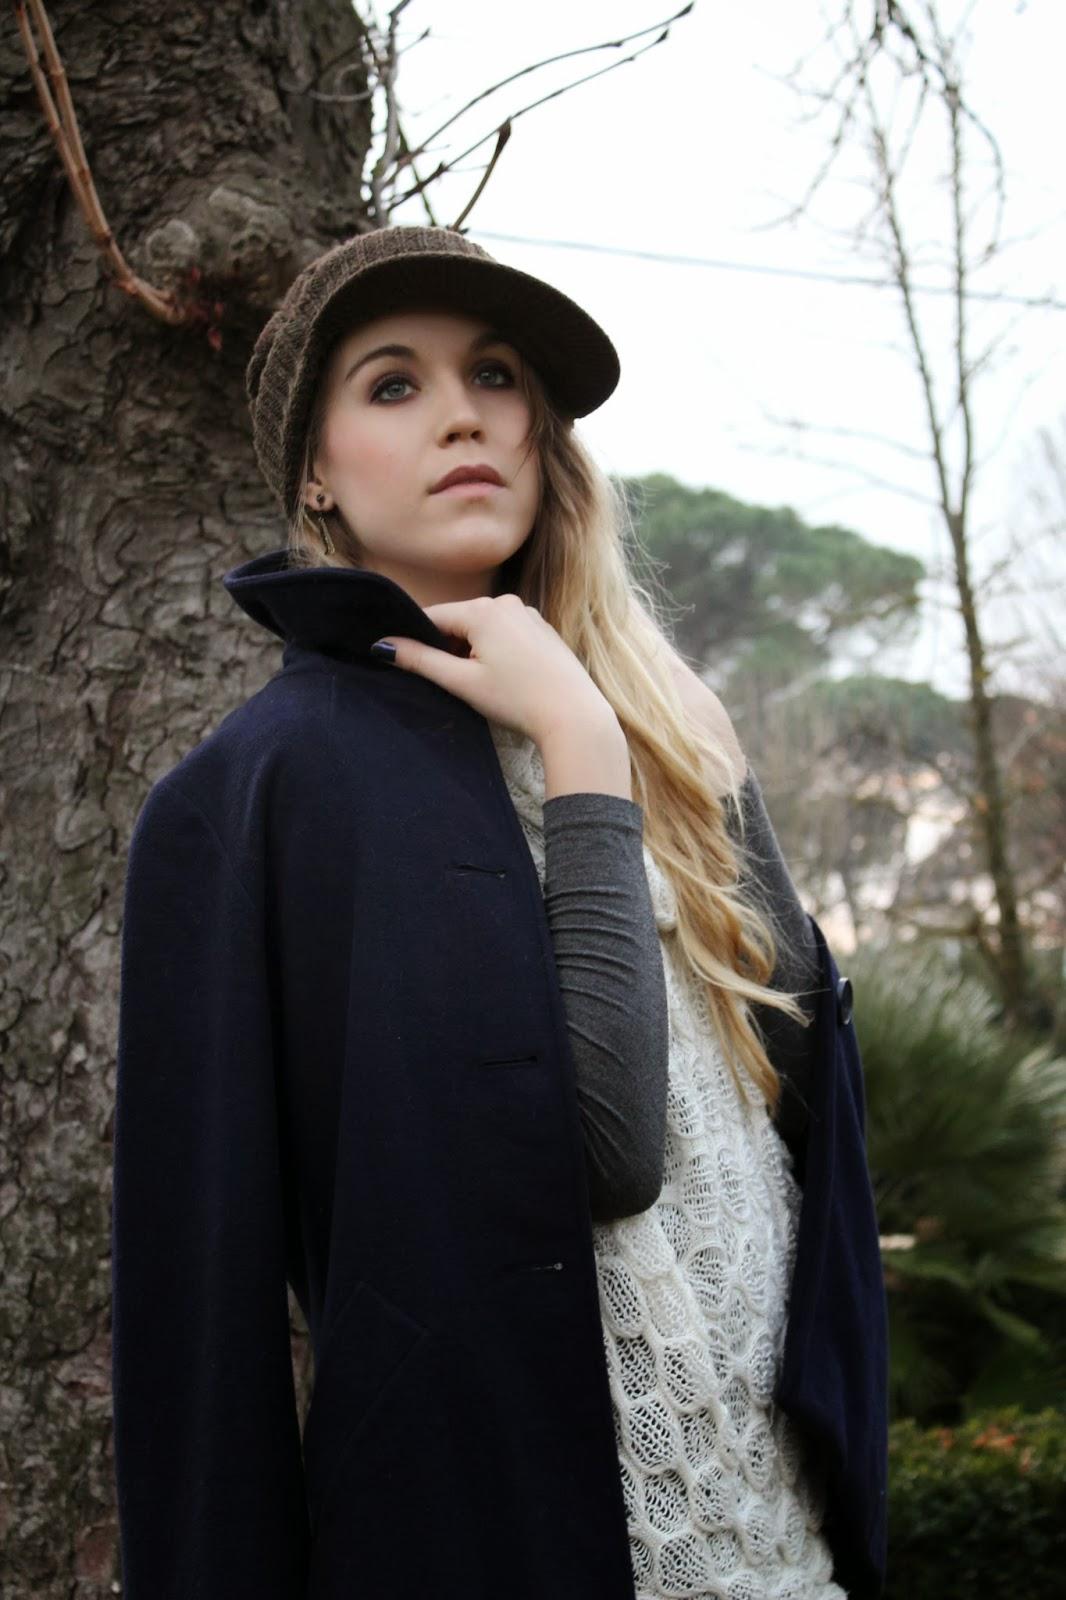 beanie with visor